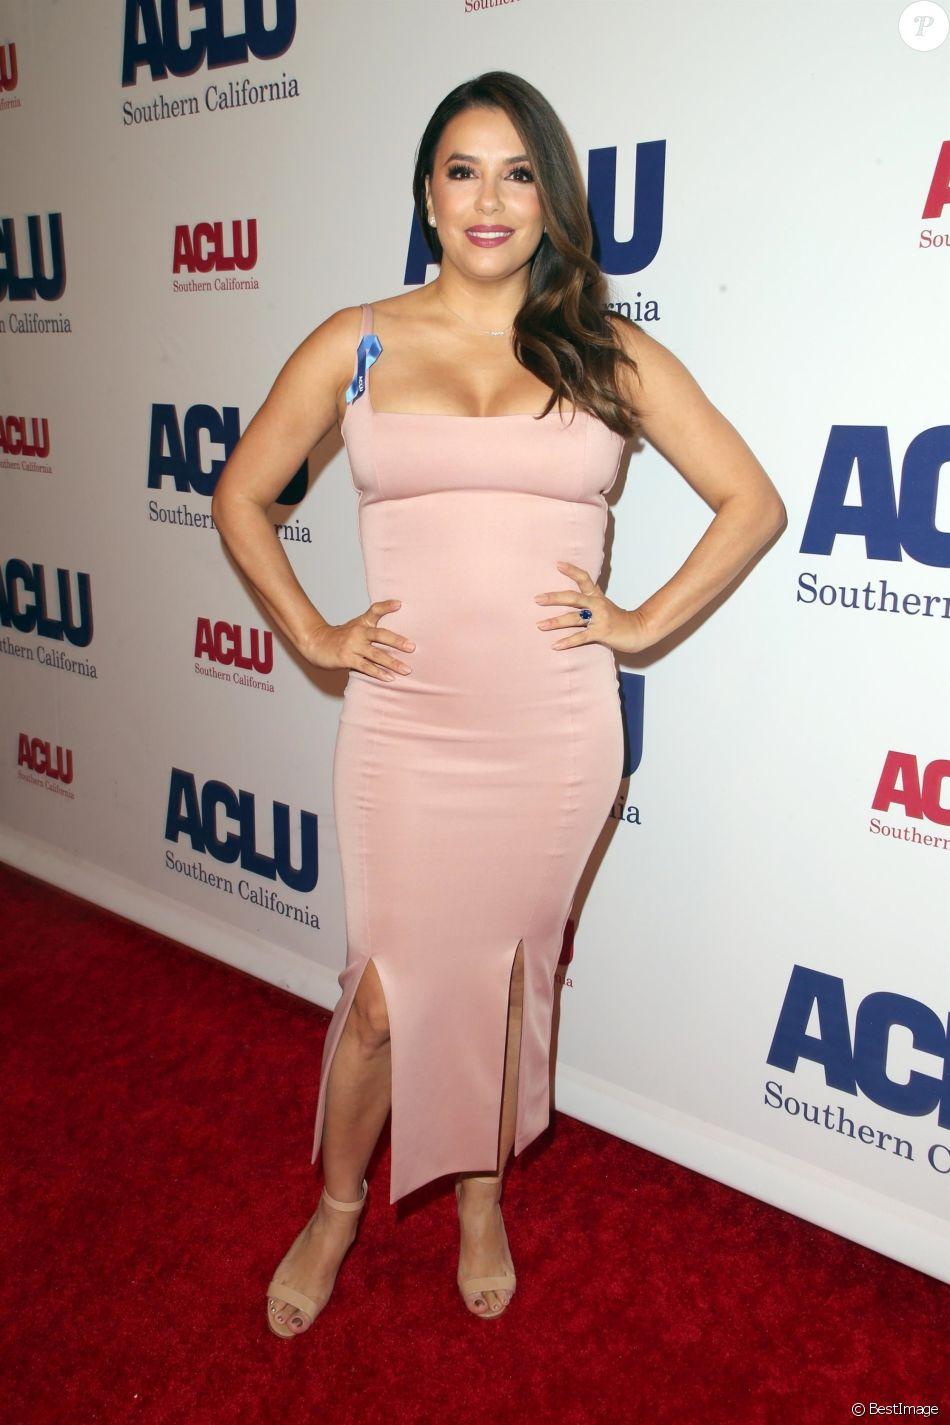 Eva Longoria à la soirée ACLU Bill of Rights à l'hôtel The Beverly Wilshire à Beverly Hills, le 11 novembre 2018